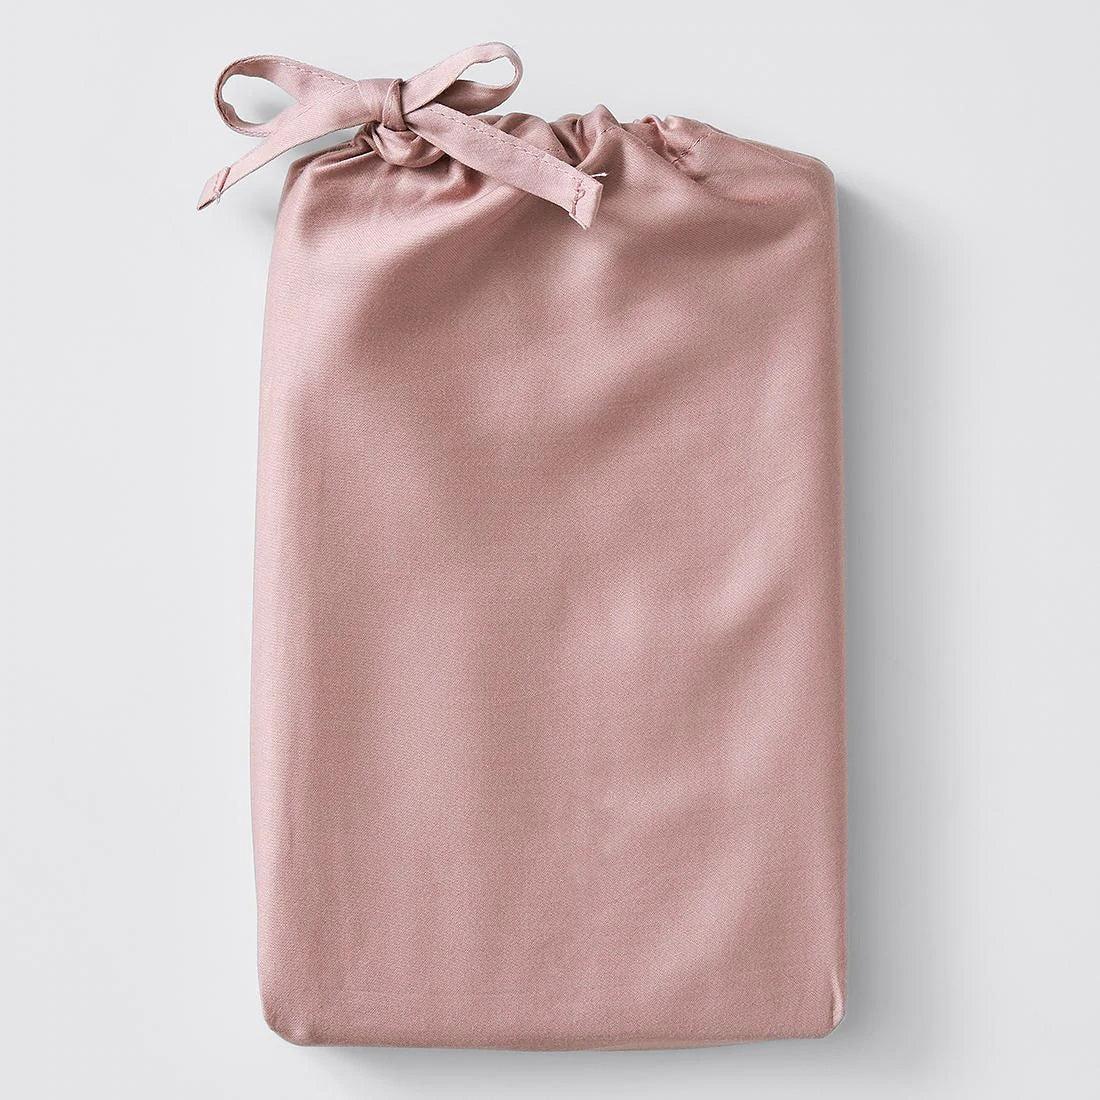 supima cotton boomerang pillowcase